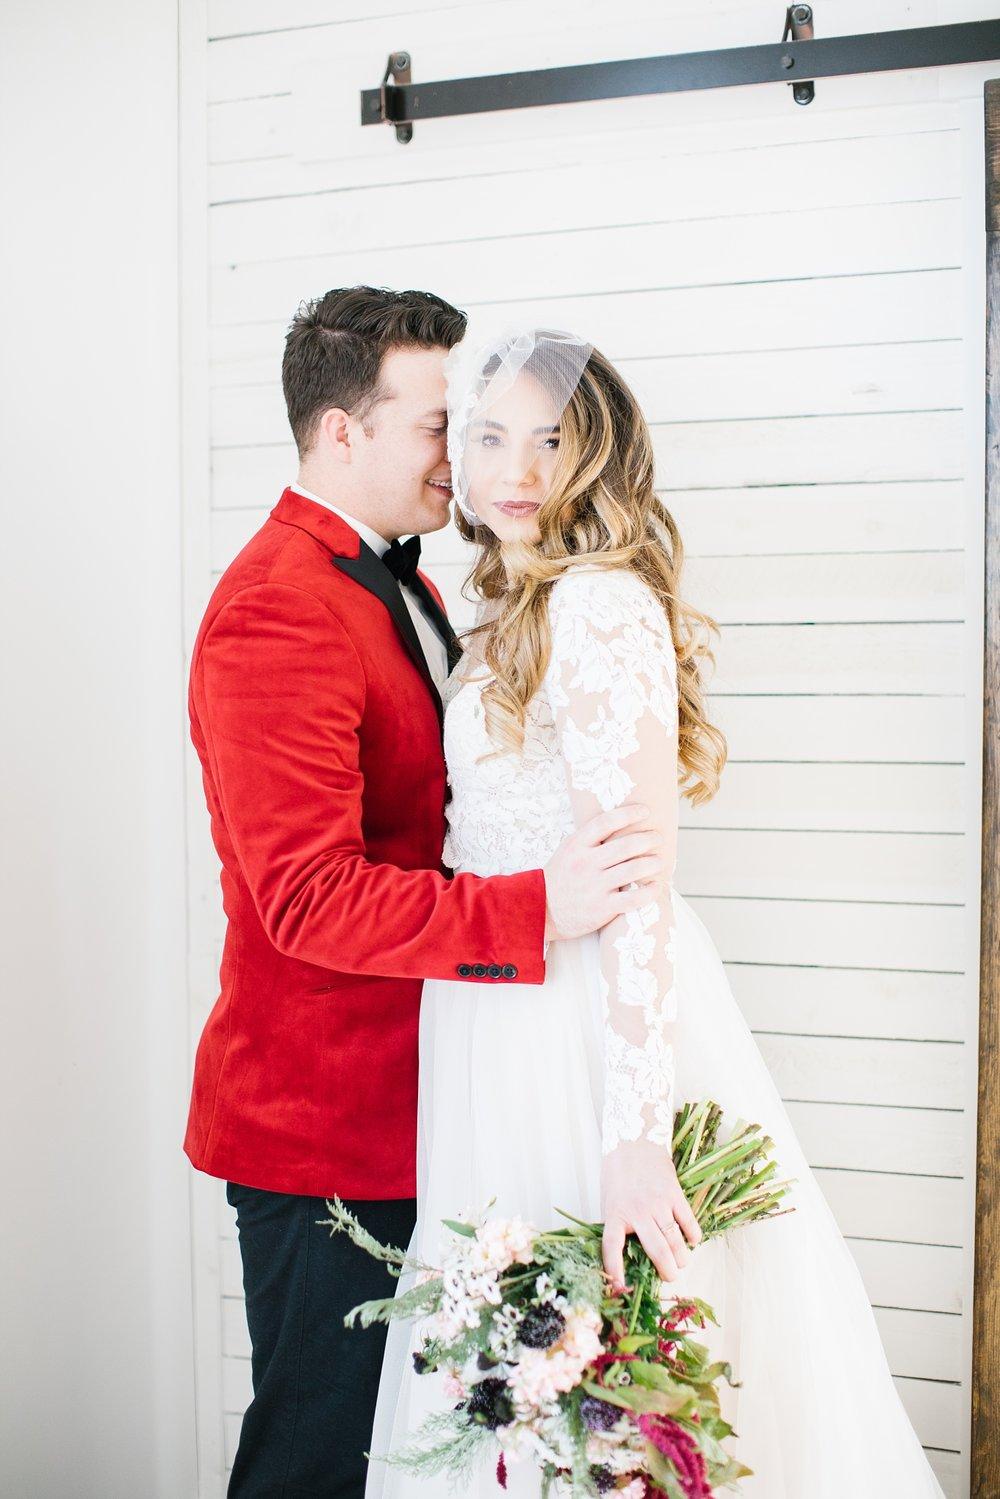 748A1097-Edit-29_Lizzie-B-Imagery-Utah-Wedding-Photographer-Park-City-Wedding-Photographer-The-Loft-Studio-Lehi-Utah.jpg